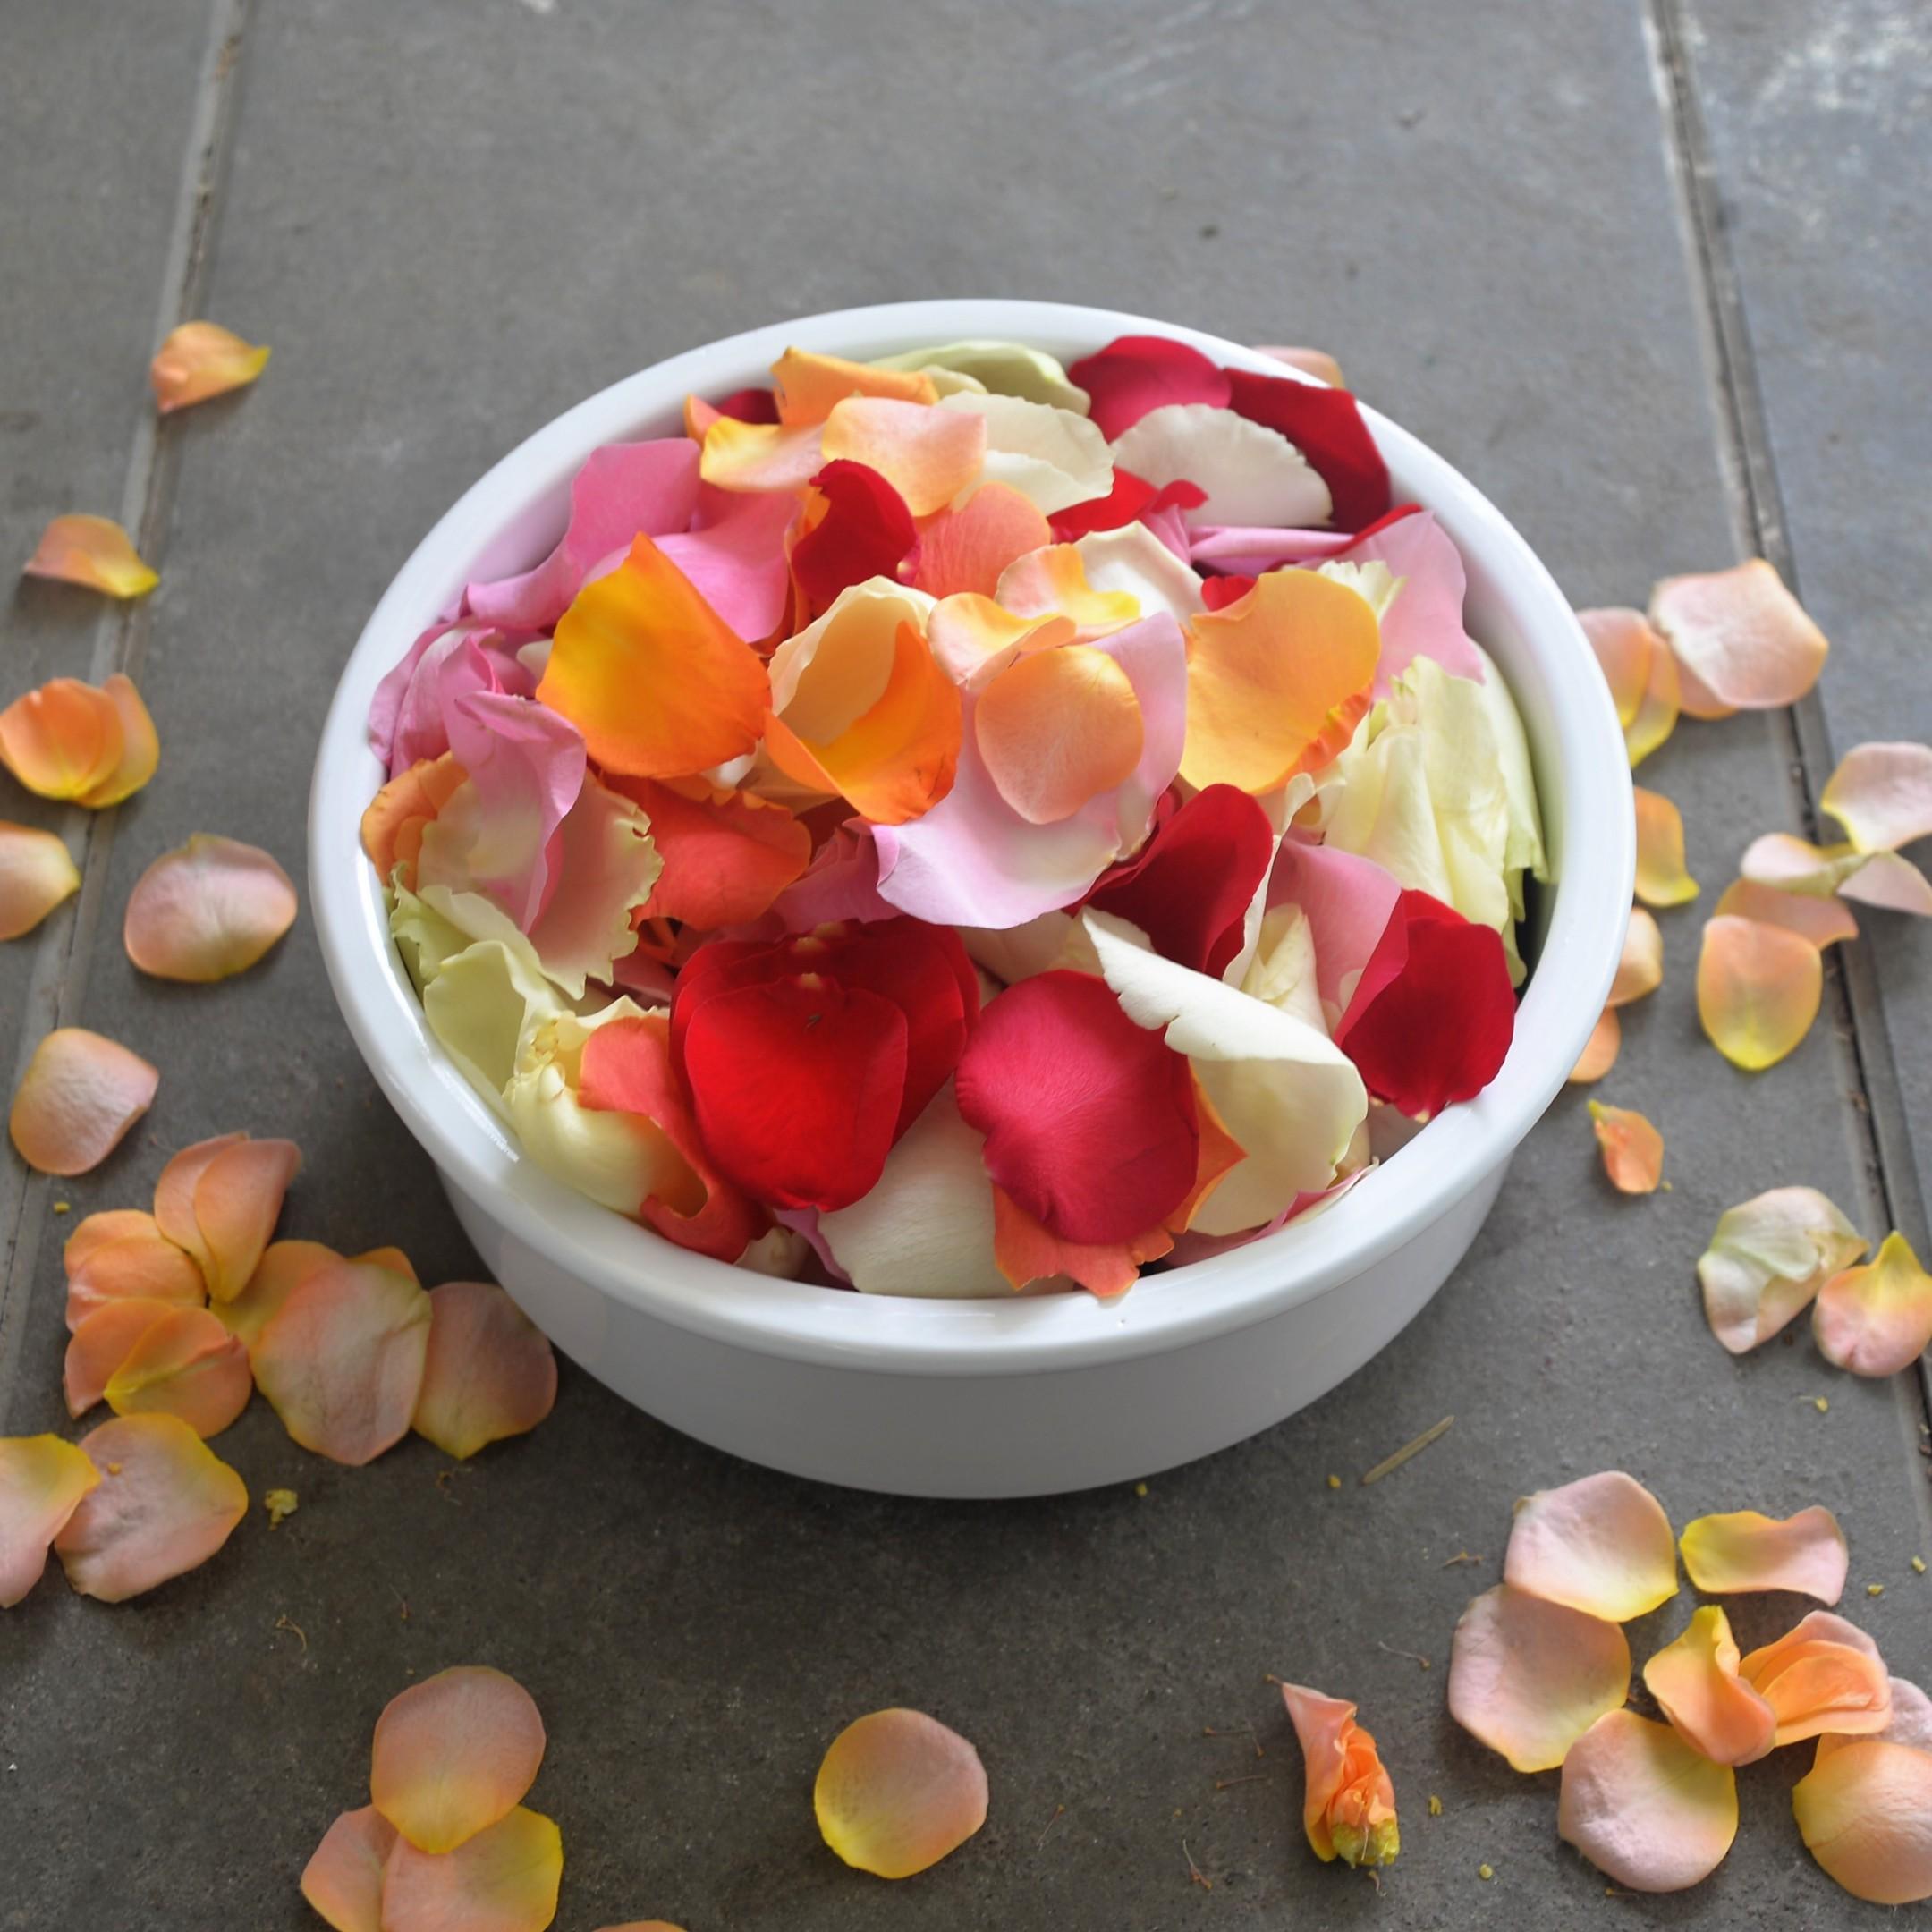 Blumenschale Bild 1